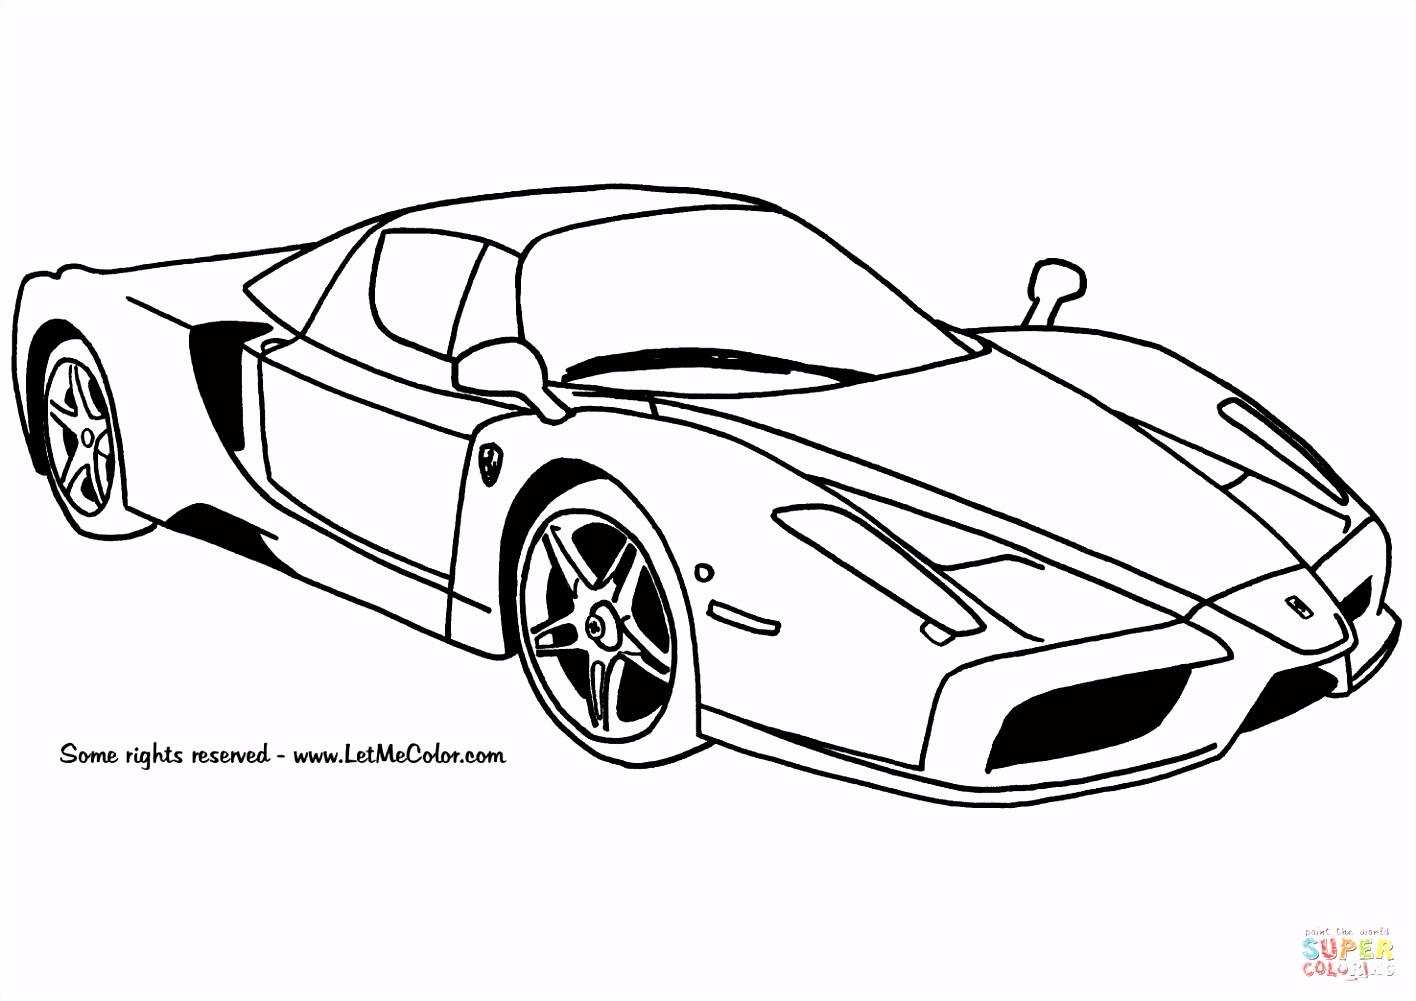 7 kleurplaat raceauto sletemplatex1234